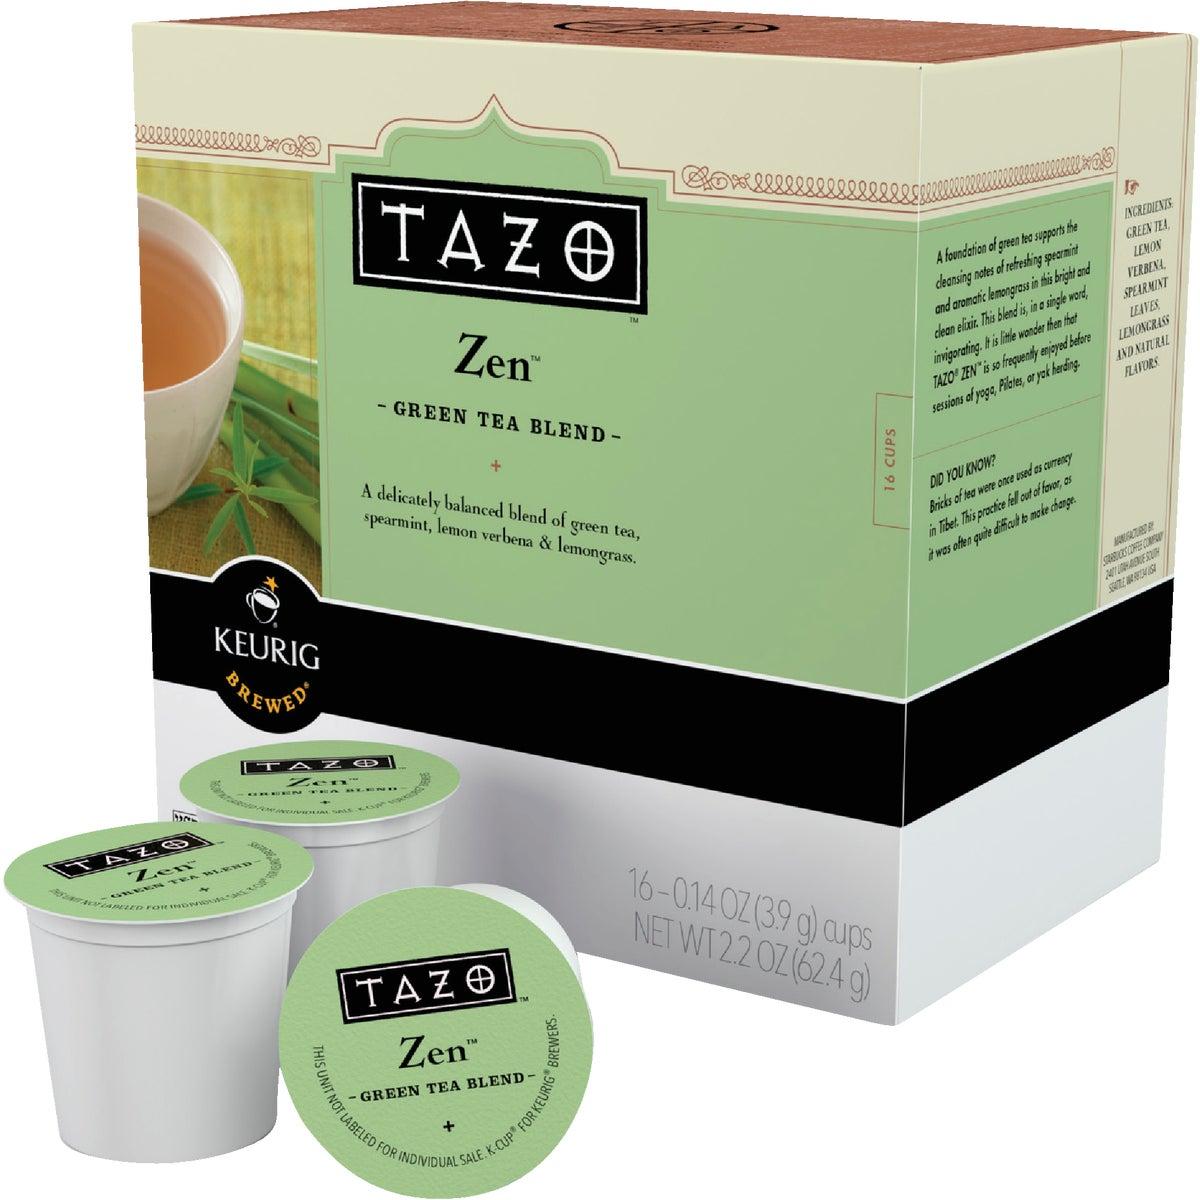 16CT TAZO ZEN TEA K-CUP